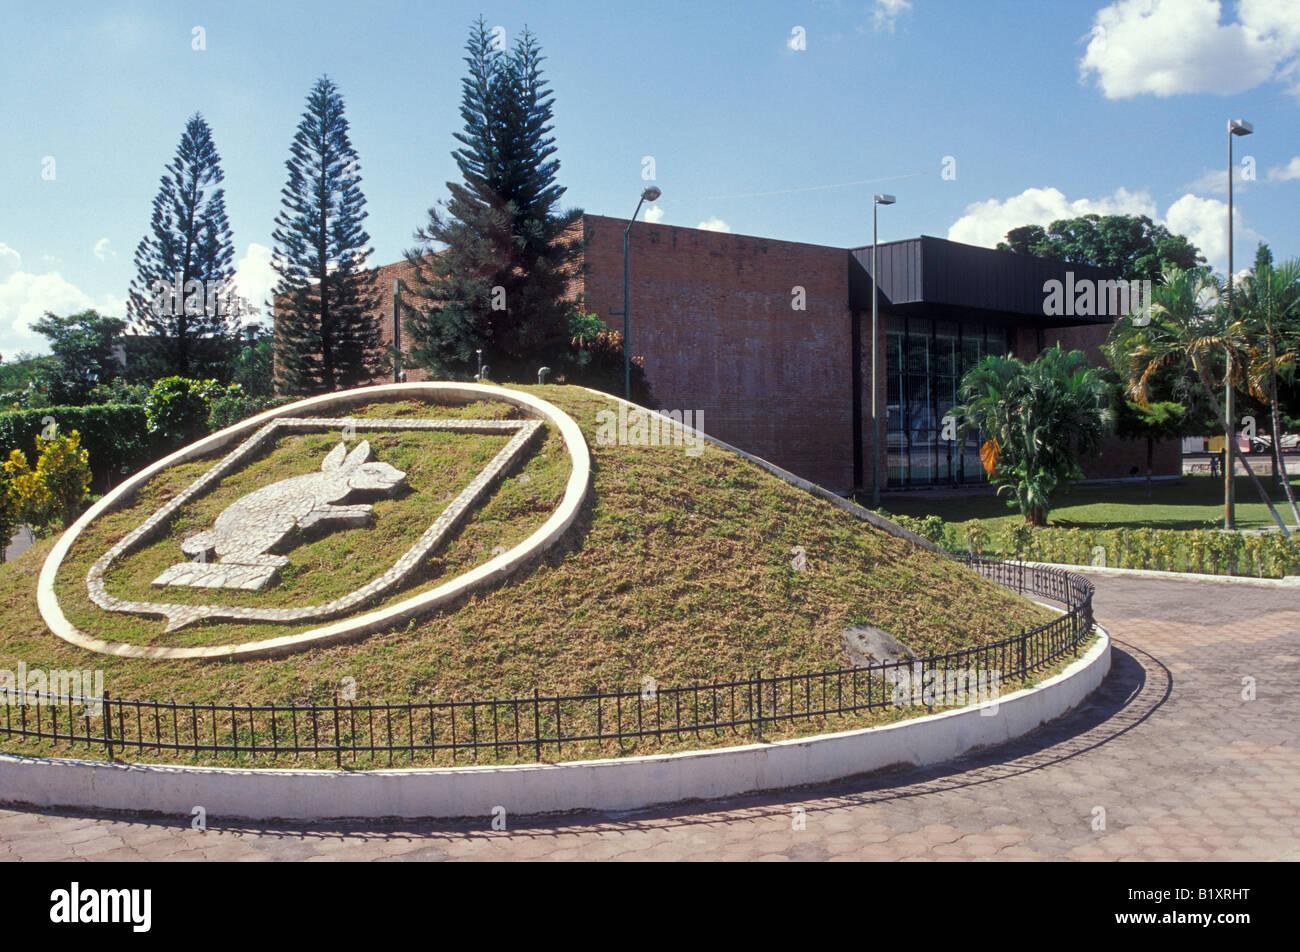 The Museo Regional de Chiapas archaeological museum  in Tuxtla Gutierrez, Chiapas, Mexico - Stock Image